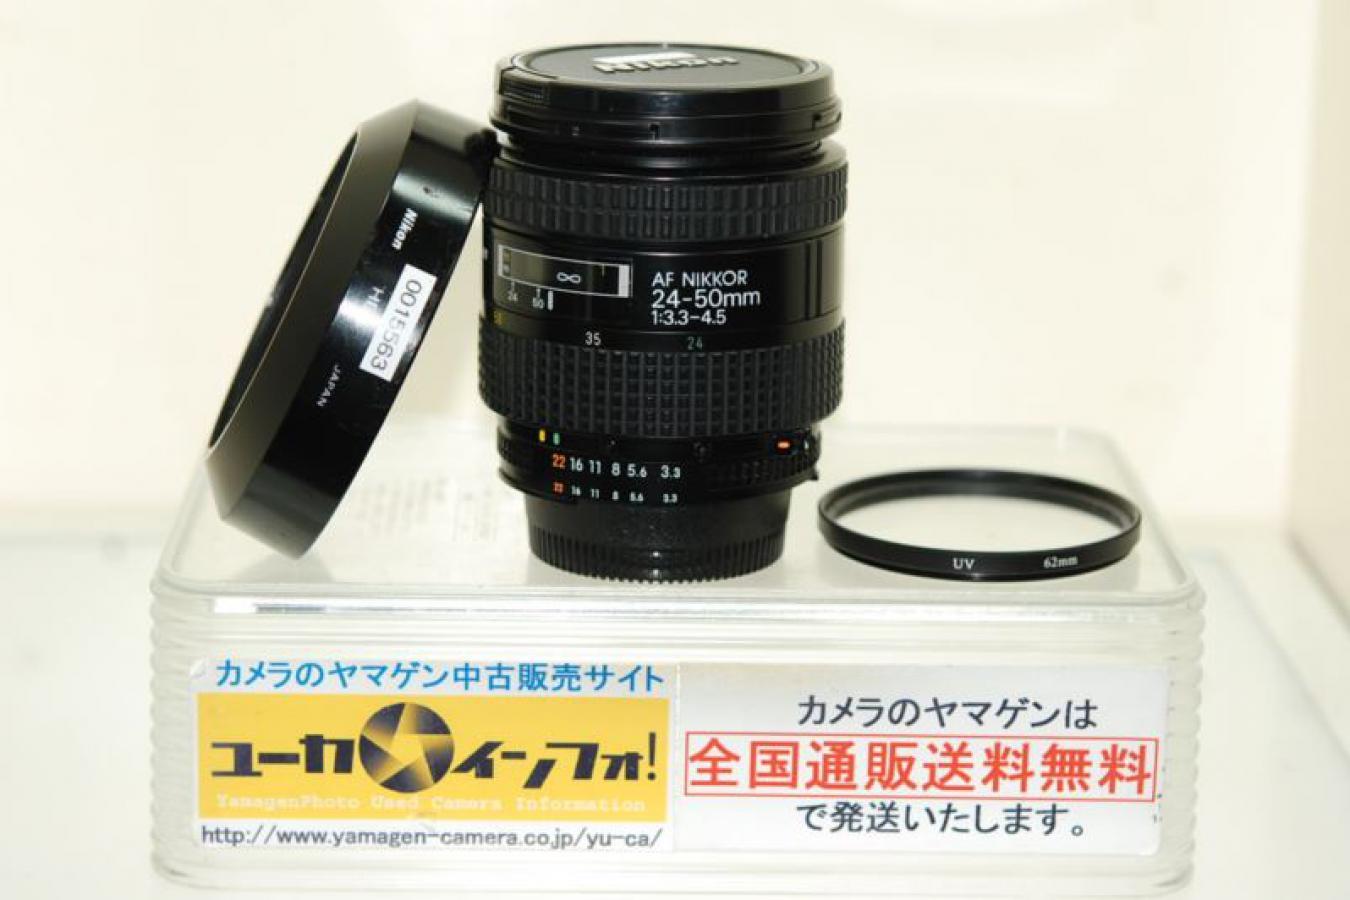 AF NIKKOR 24-50mm F3.3-4.5 【純正フードHB-1、62mmUVフィルター付】